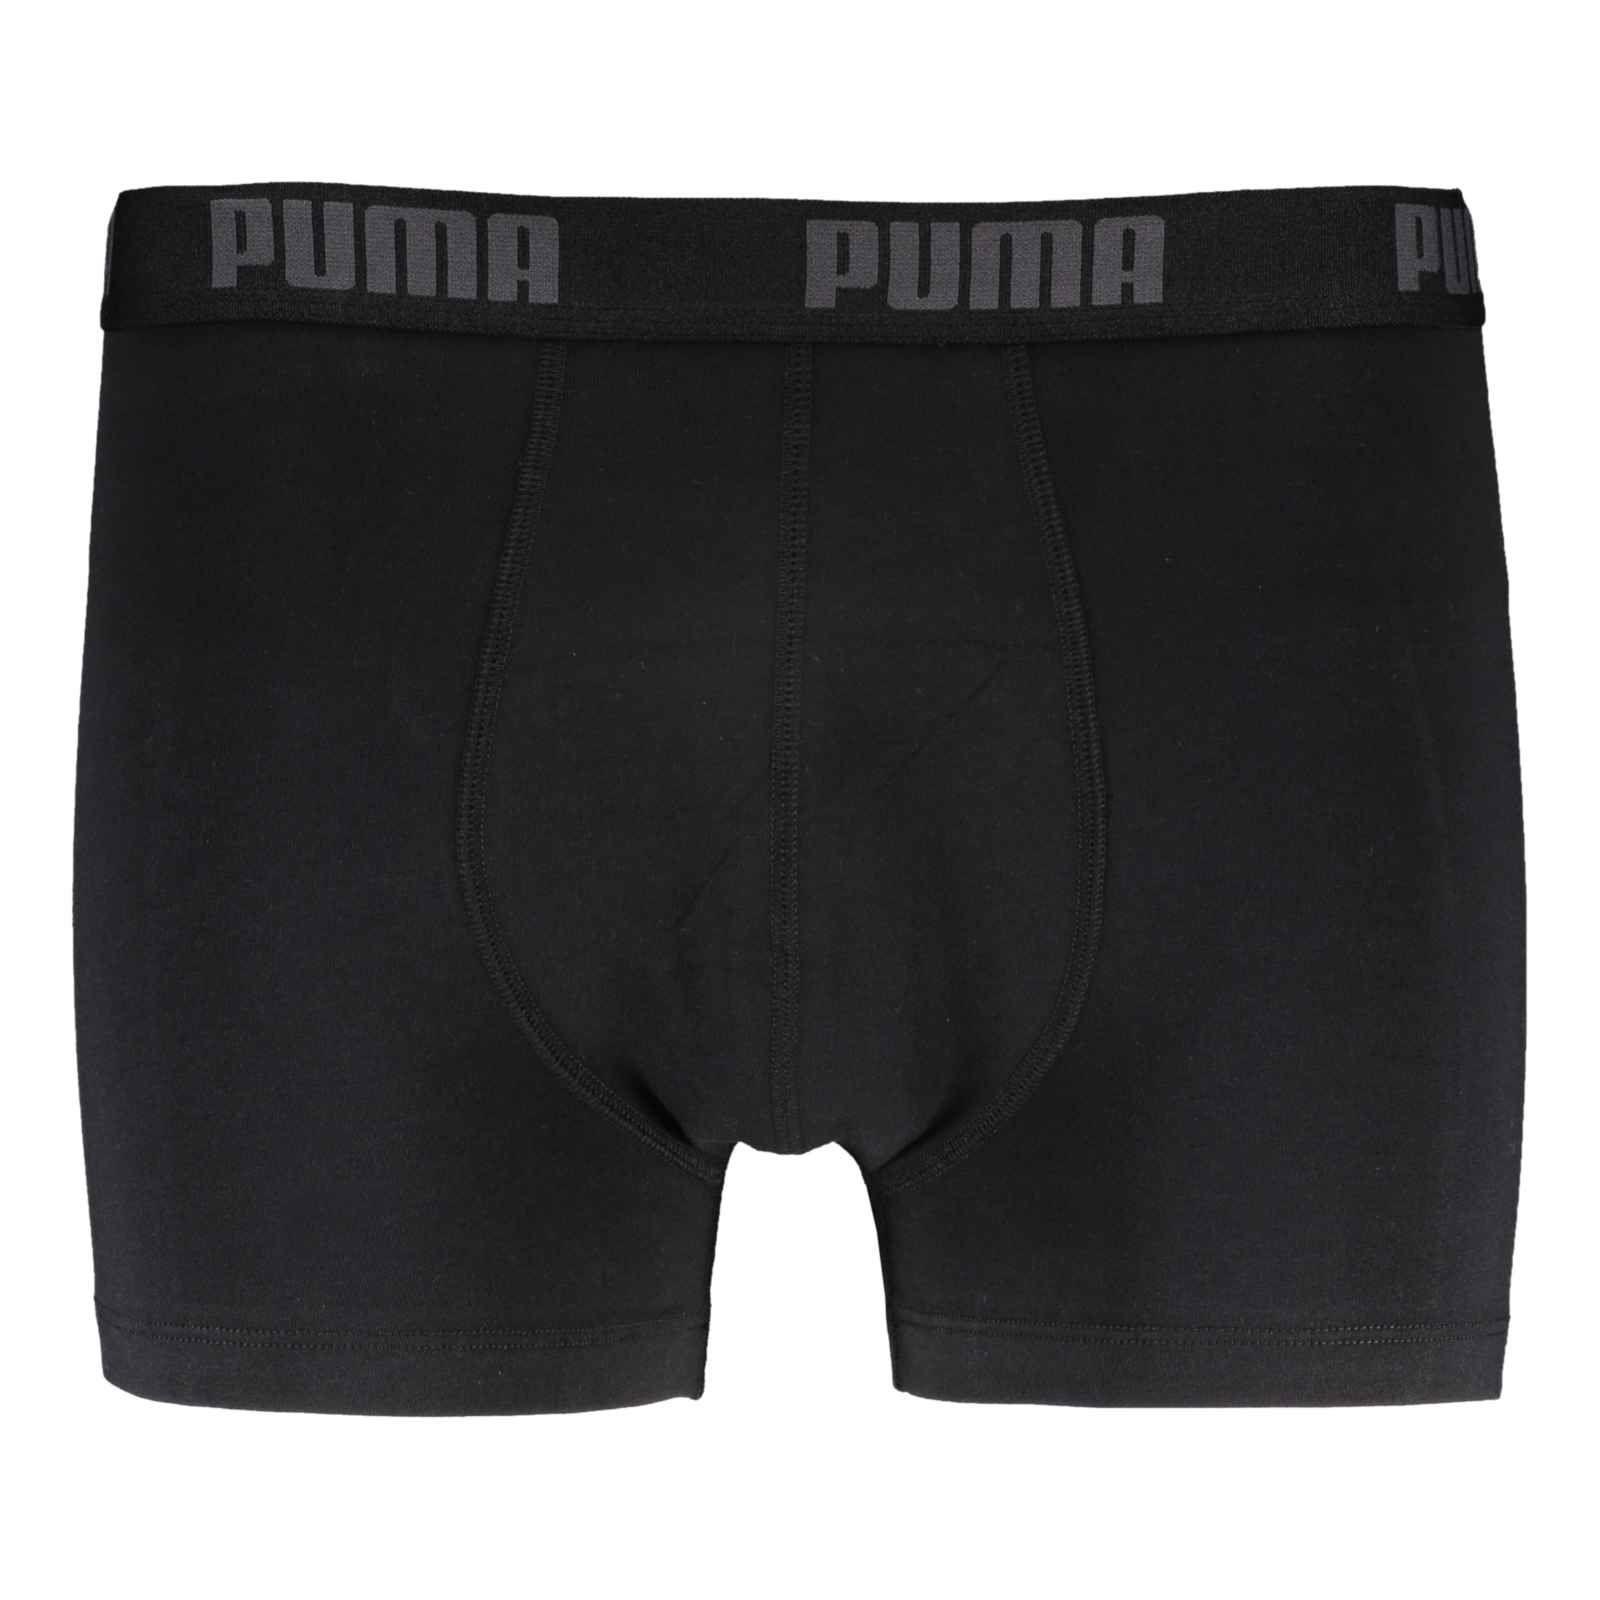 Short boxer homme Puma